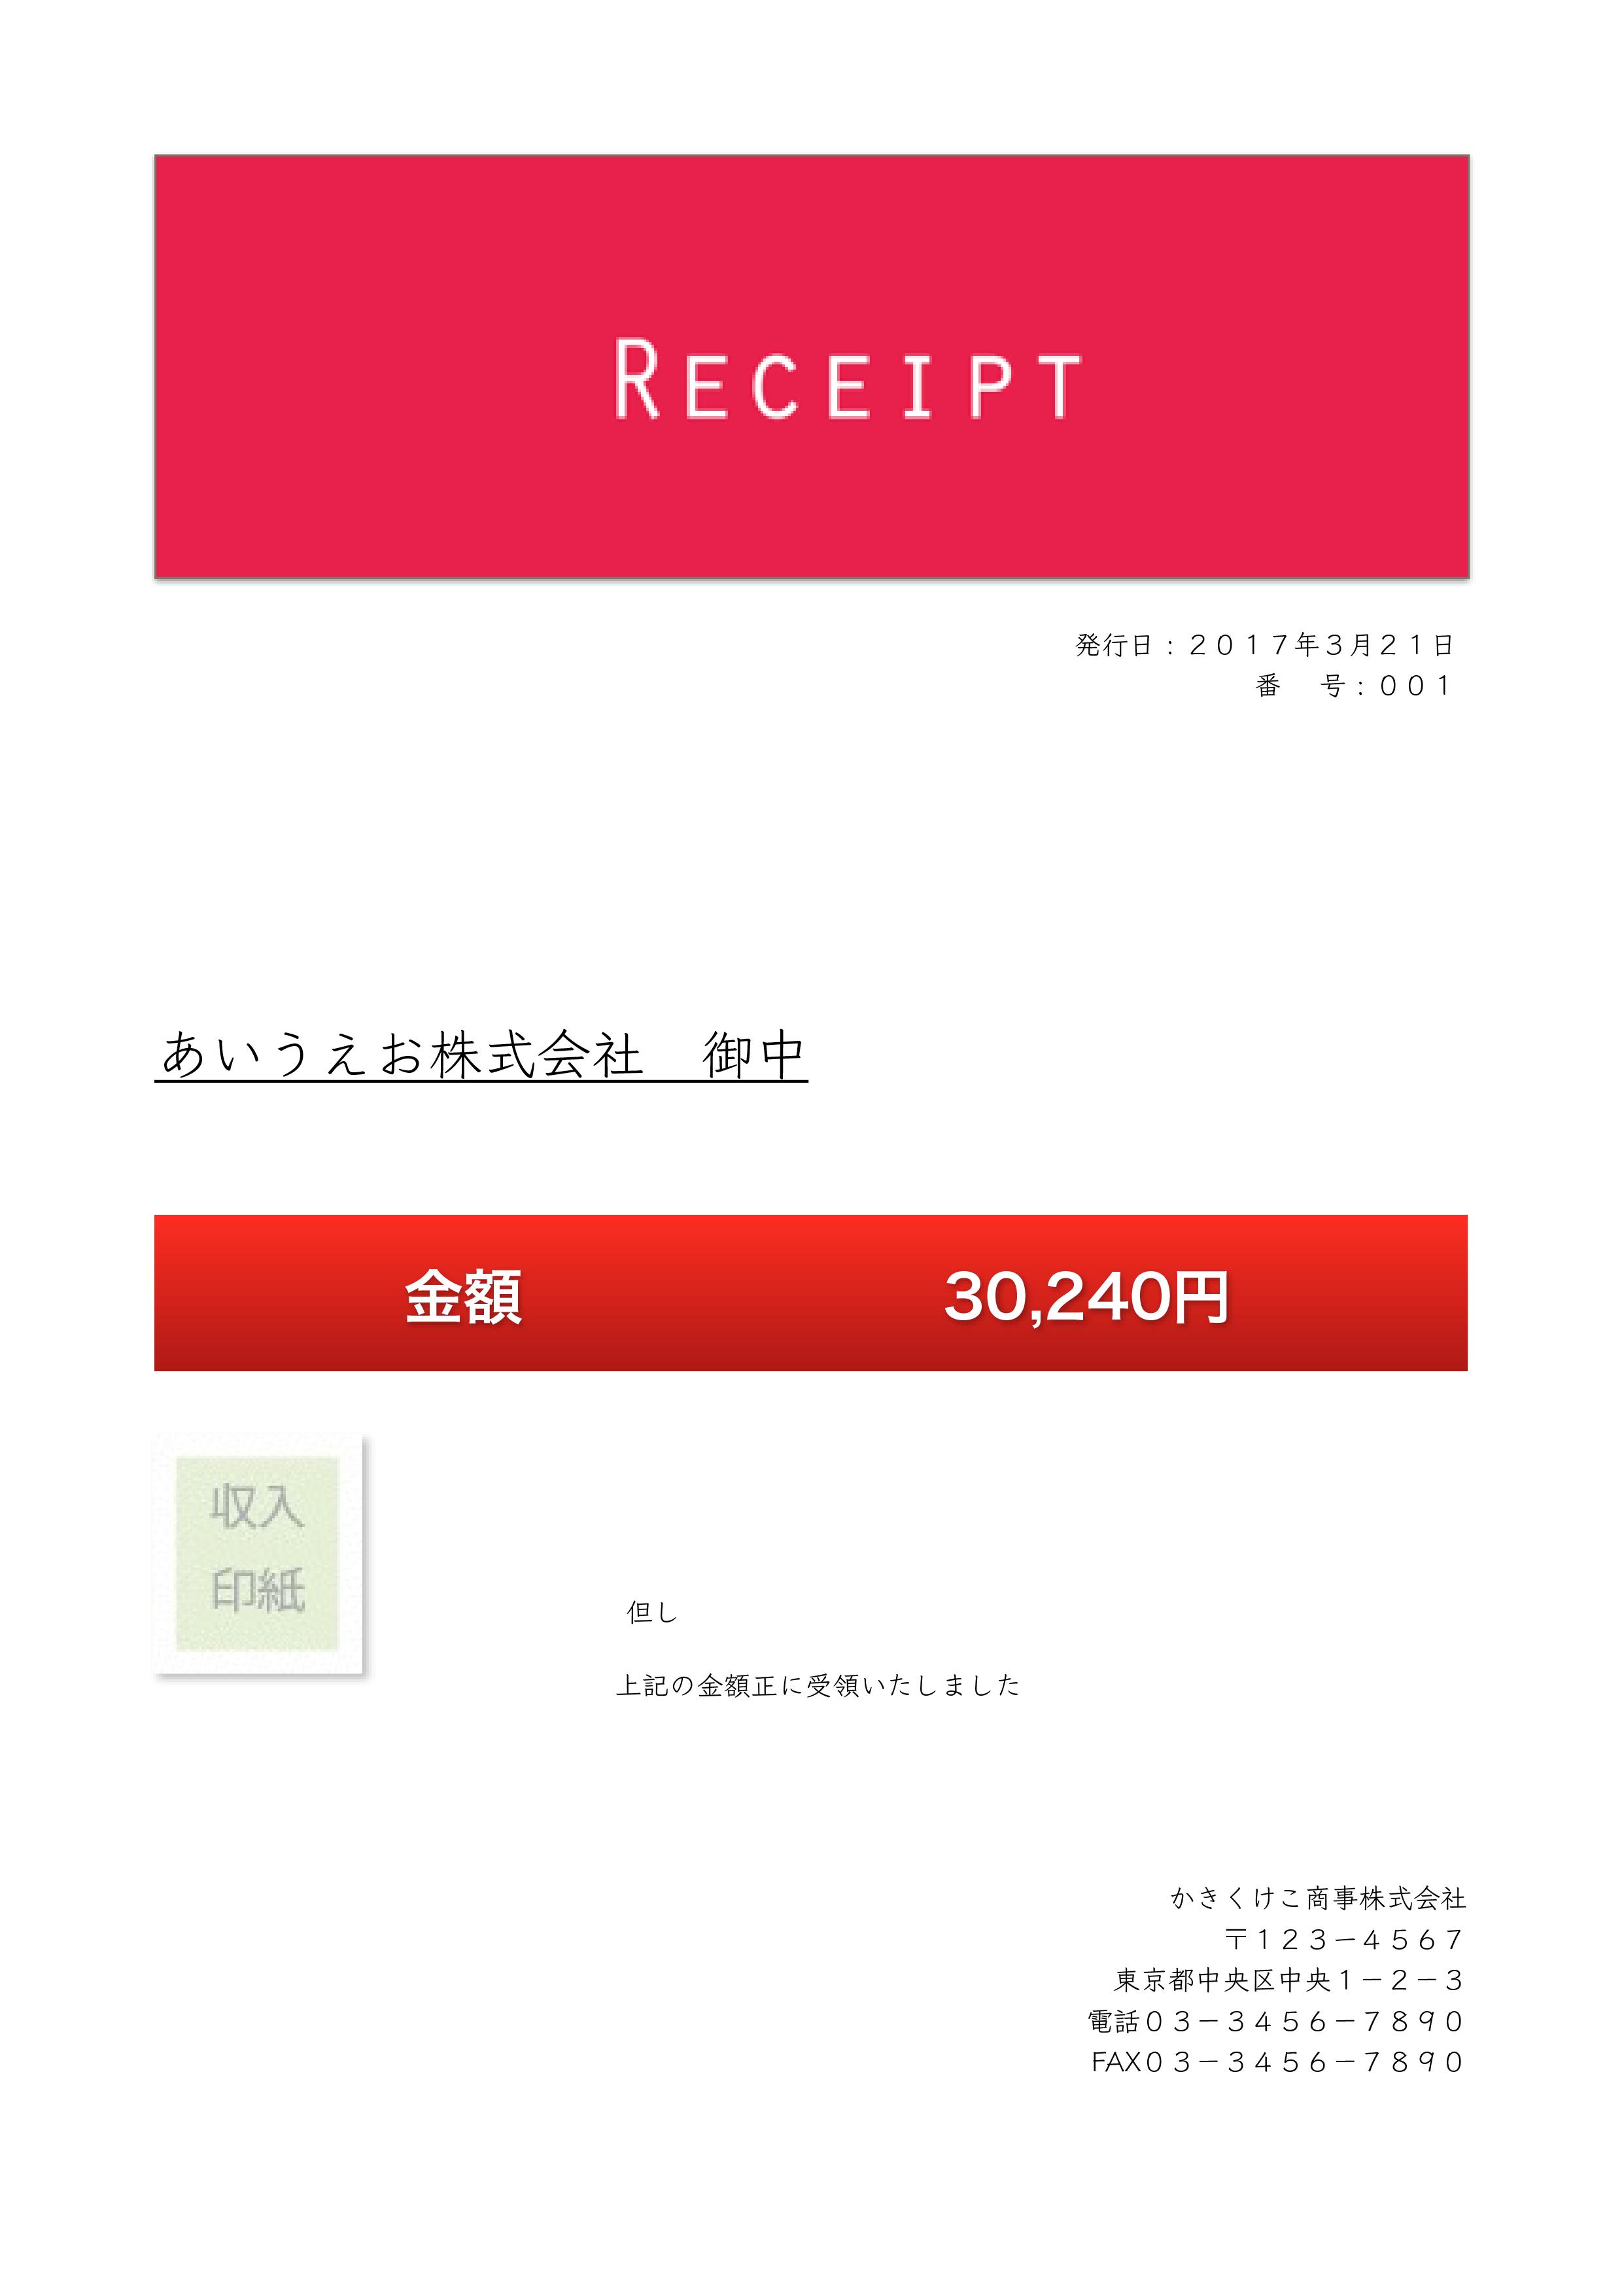 おしゃれな領収書(Receipt)テンプレート(ワード、ページズ)A4サイズ レッド